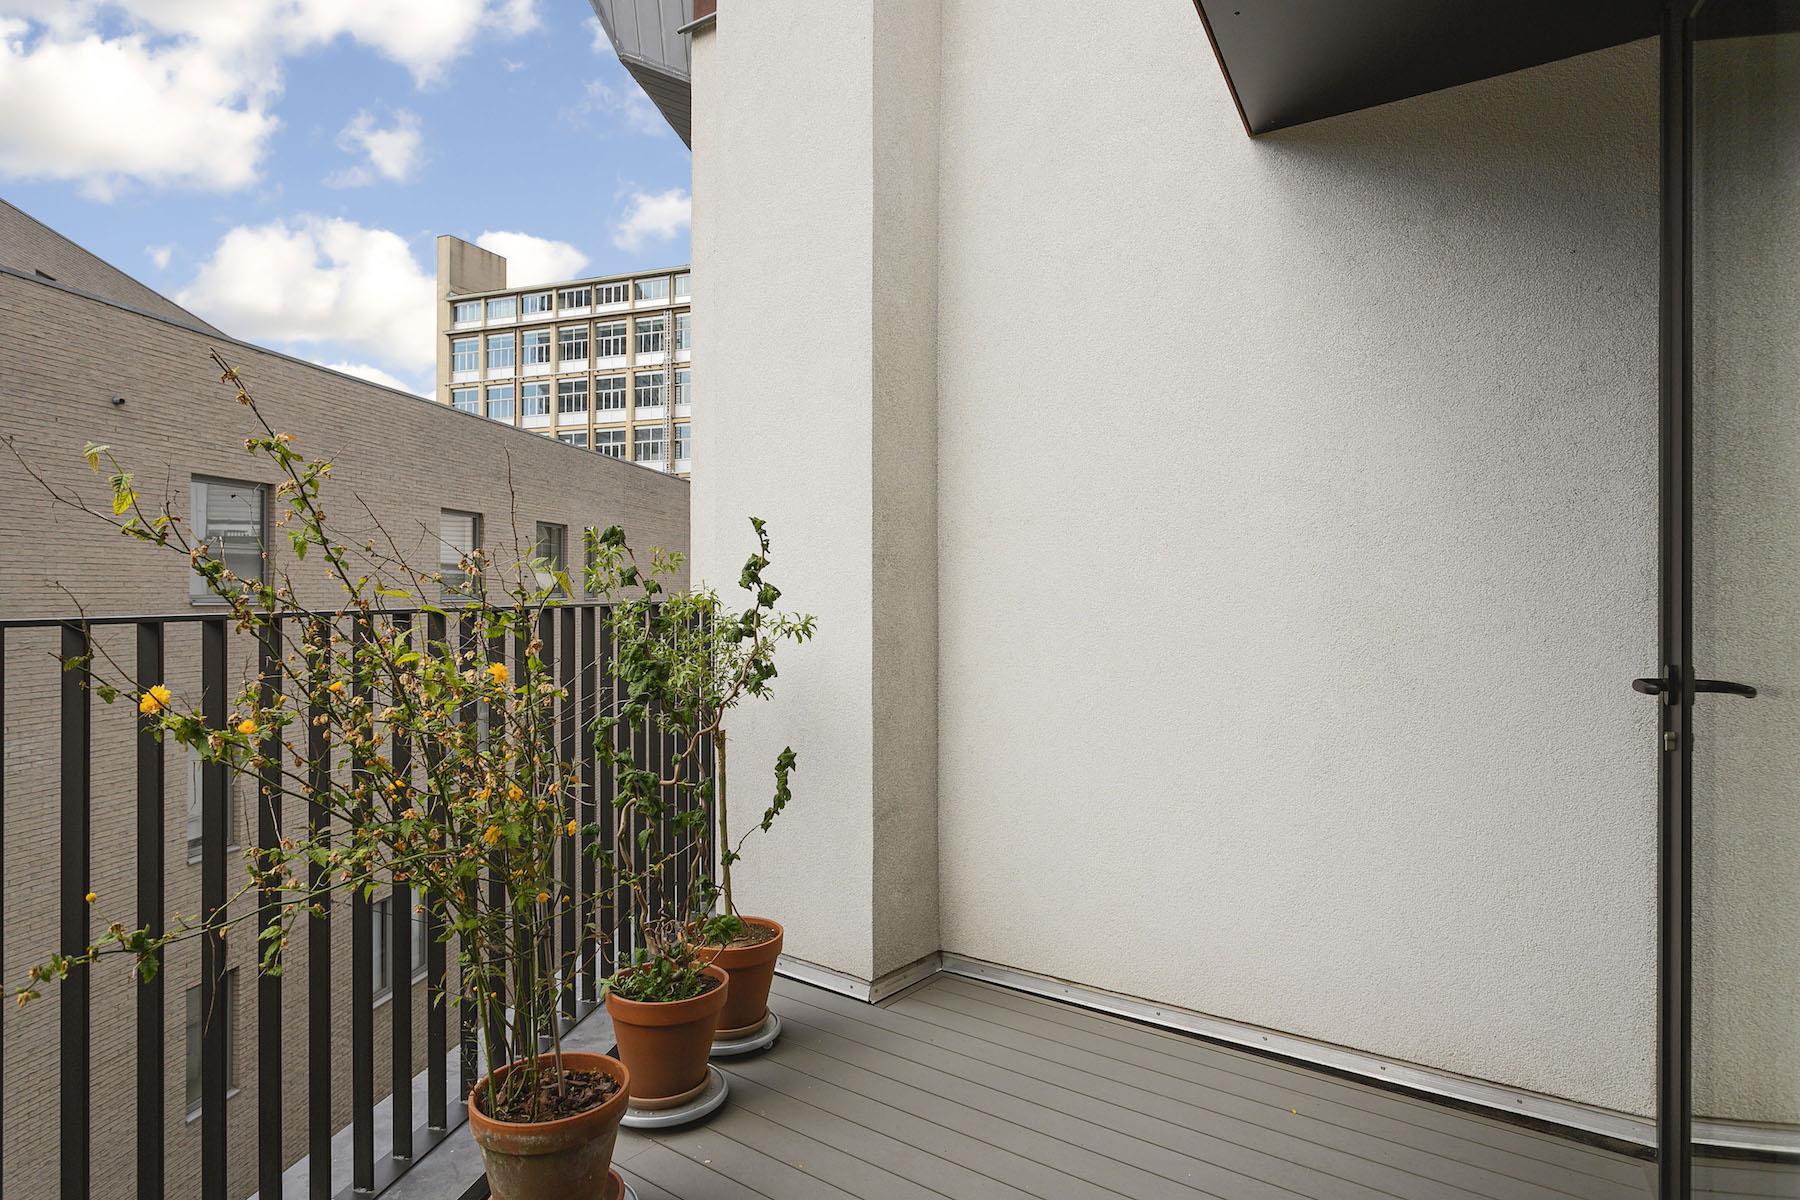 Makelaarskantoor De Meester, Huis|Huis te 2000 Antwerpen